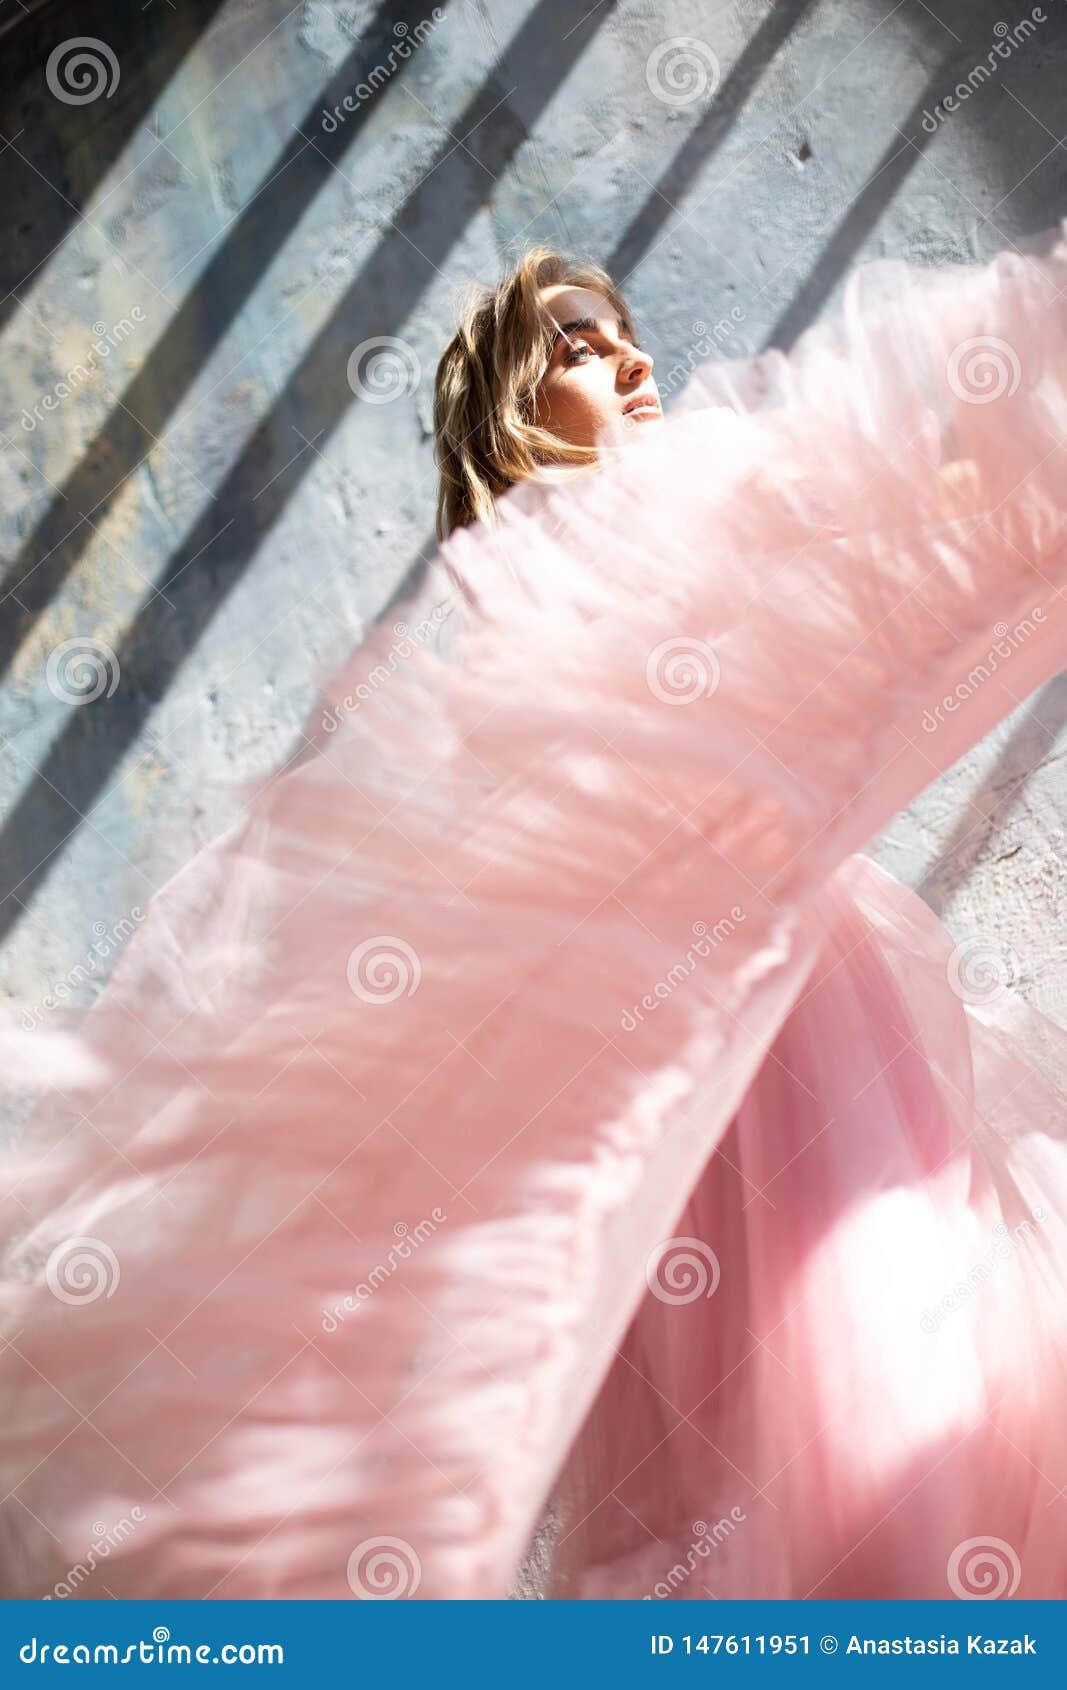 Pink foam dress, frozen moment